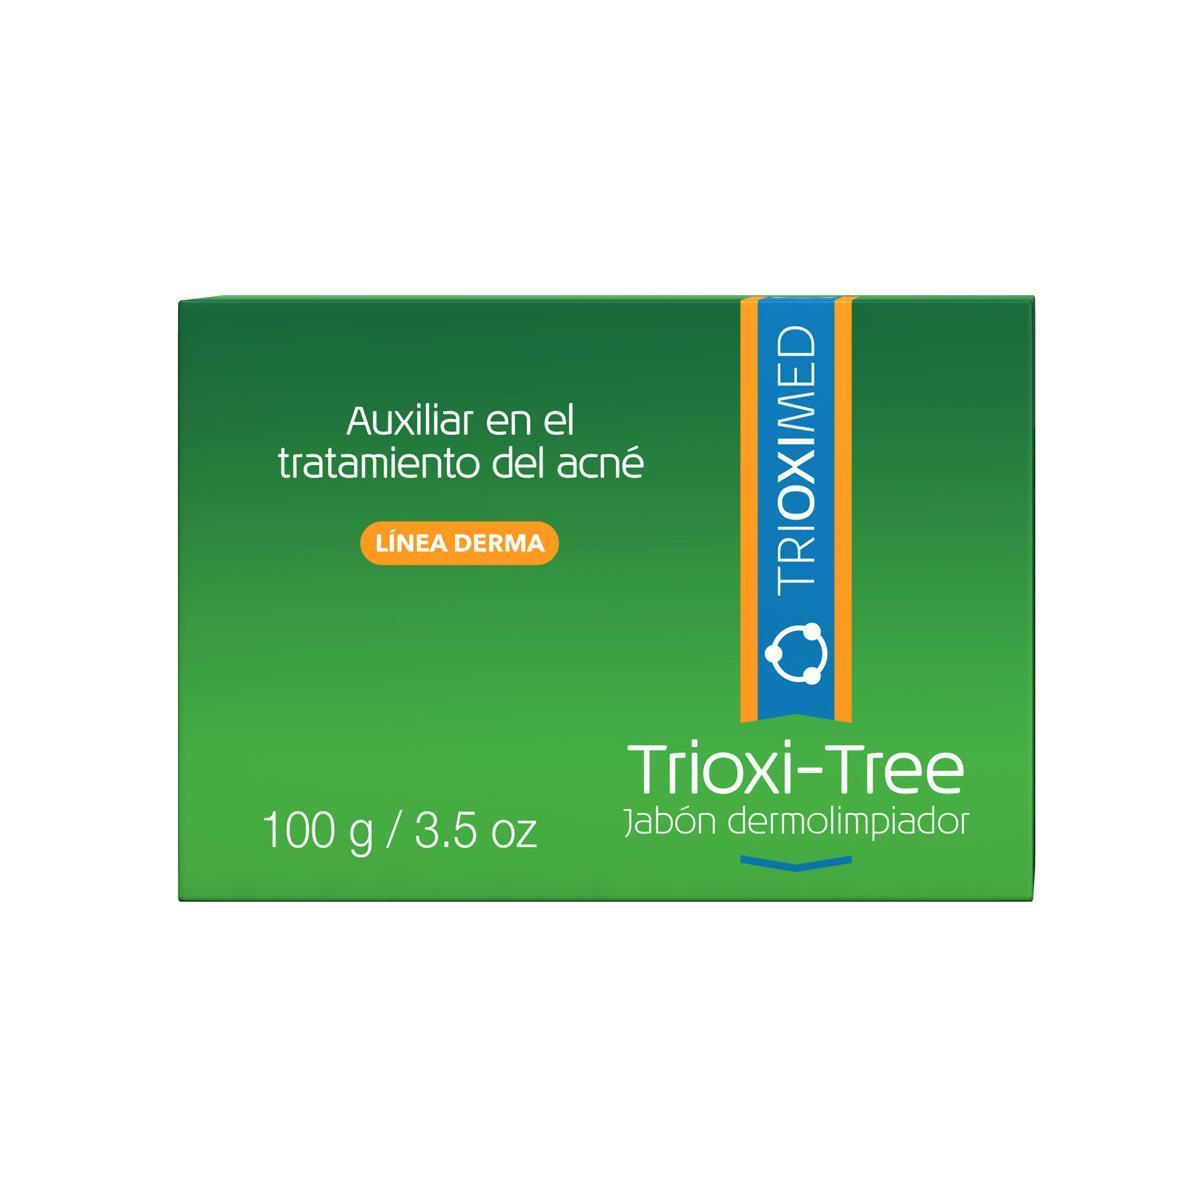 Trioxi-Tree Jabón Dermolimpiador 100G